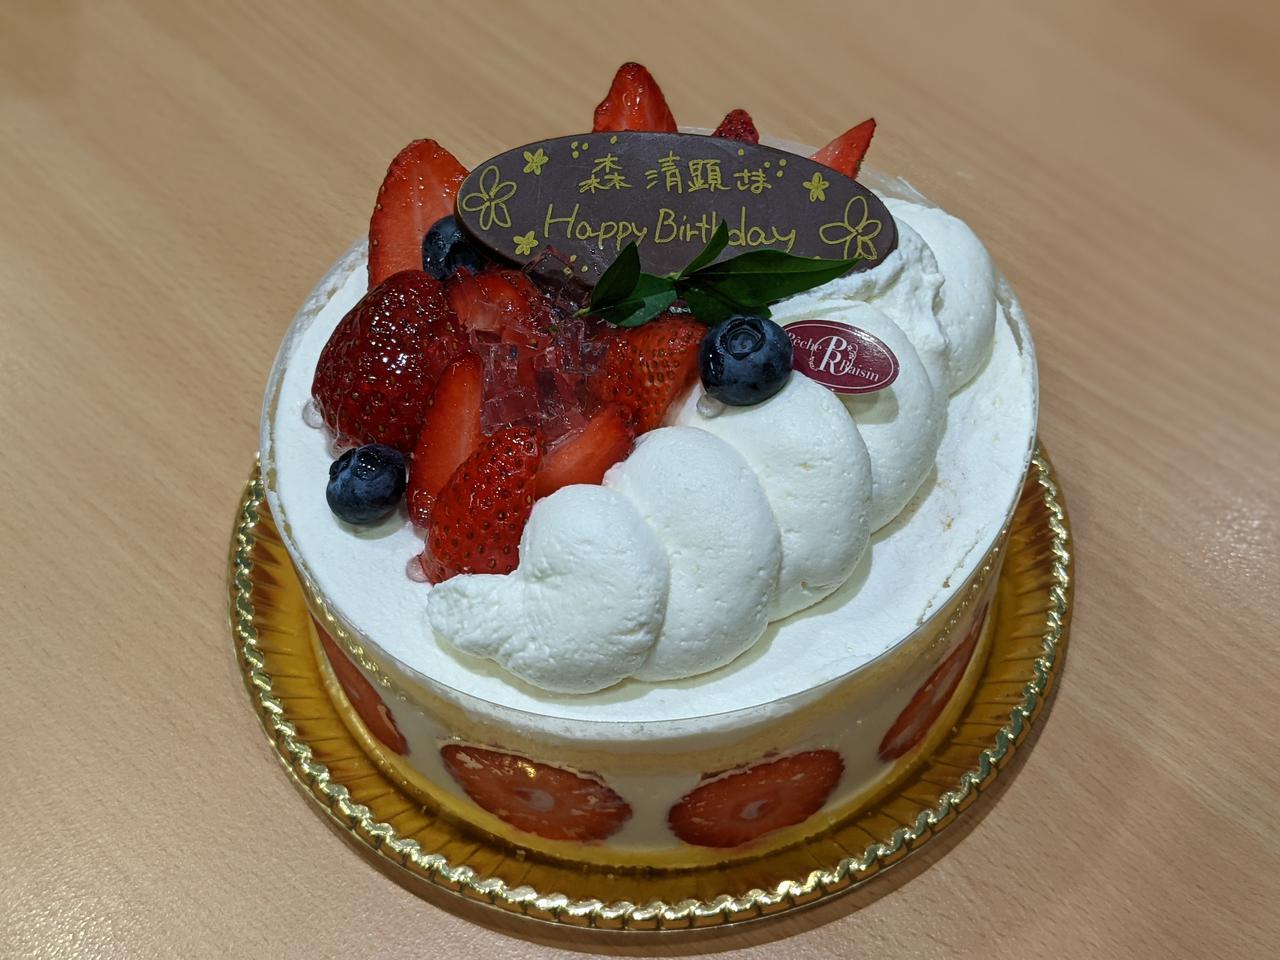 画像: 今週の放送日、9月5日は森さんのお誕生日! ということで、スタッフみんなでケーキをいただきました。森さん、お誕生日おめでとうございます♪